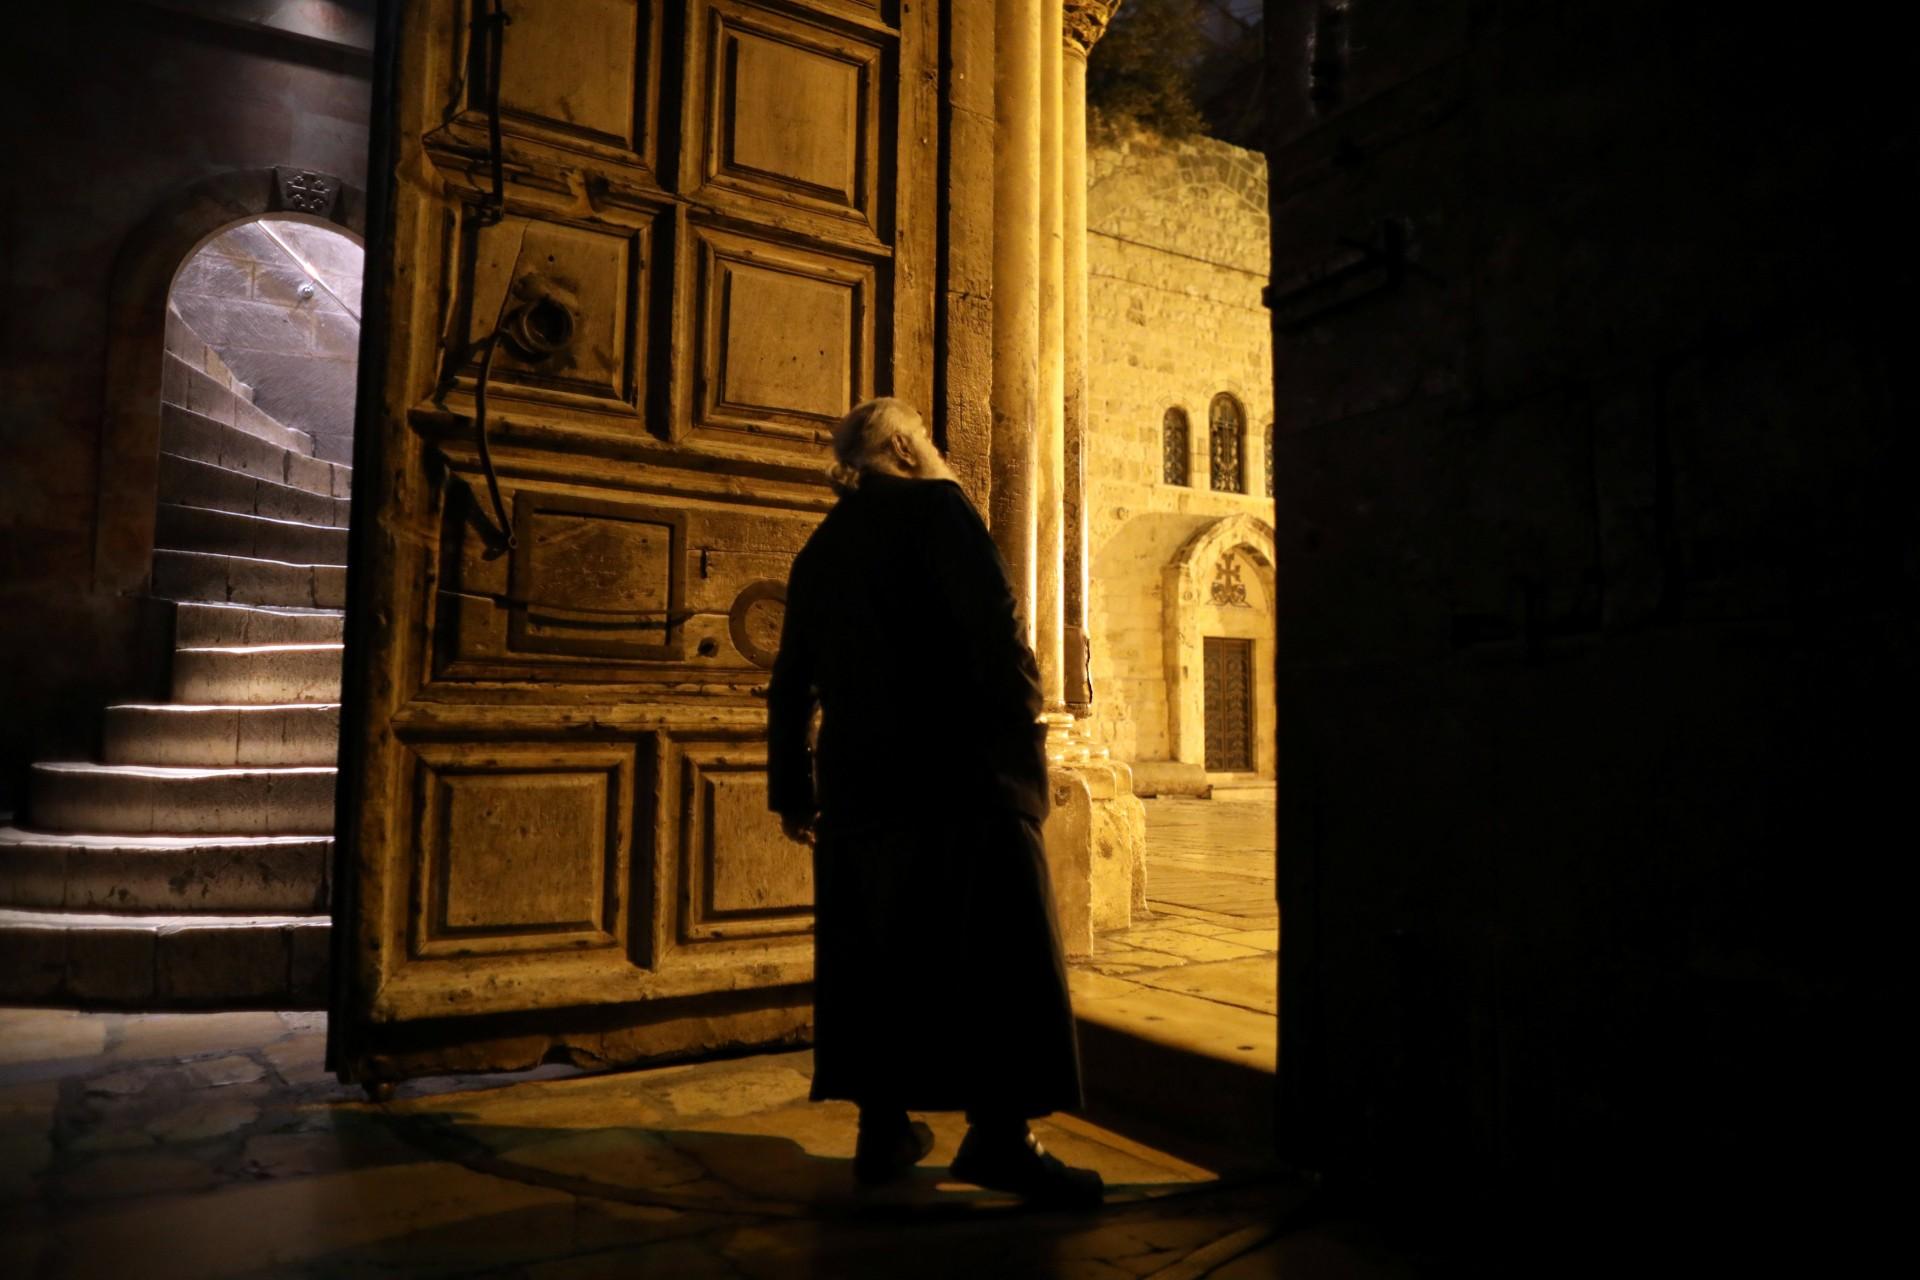 Un miembro del clero cristiano ortodoxo se encuentra en la puerta de entrada de la Iglesia del Santo Sepulcro en la Ciudad Vieja de Jerusalén, el 17 de noviembre de 2018.